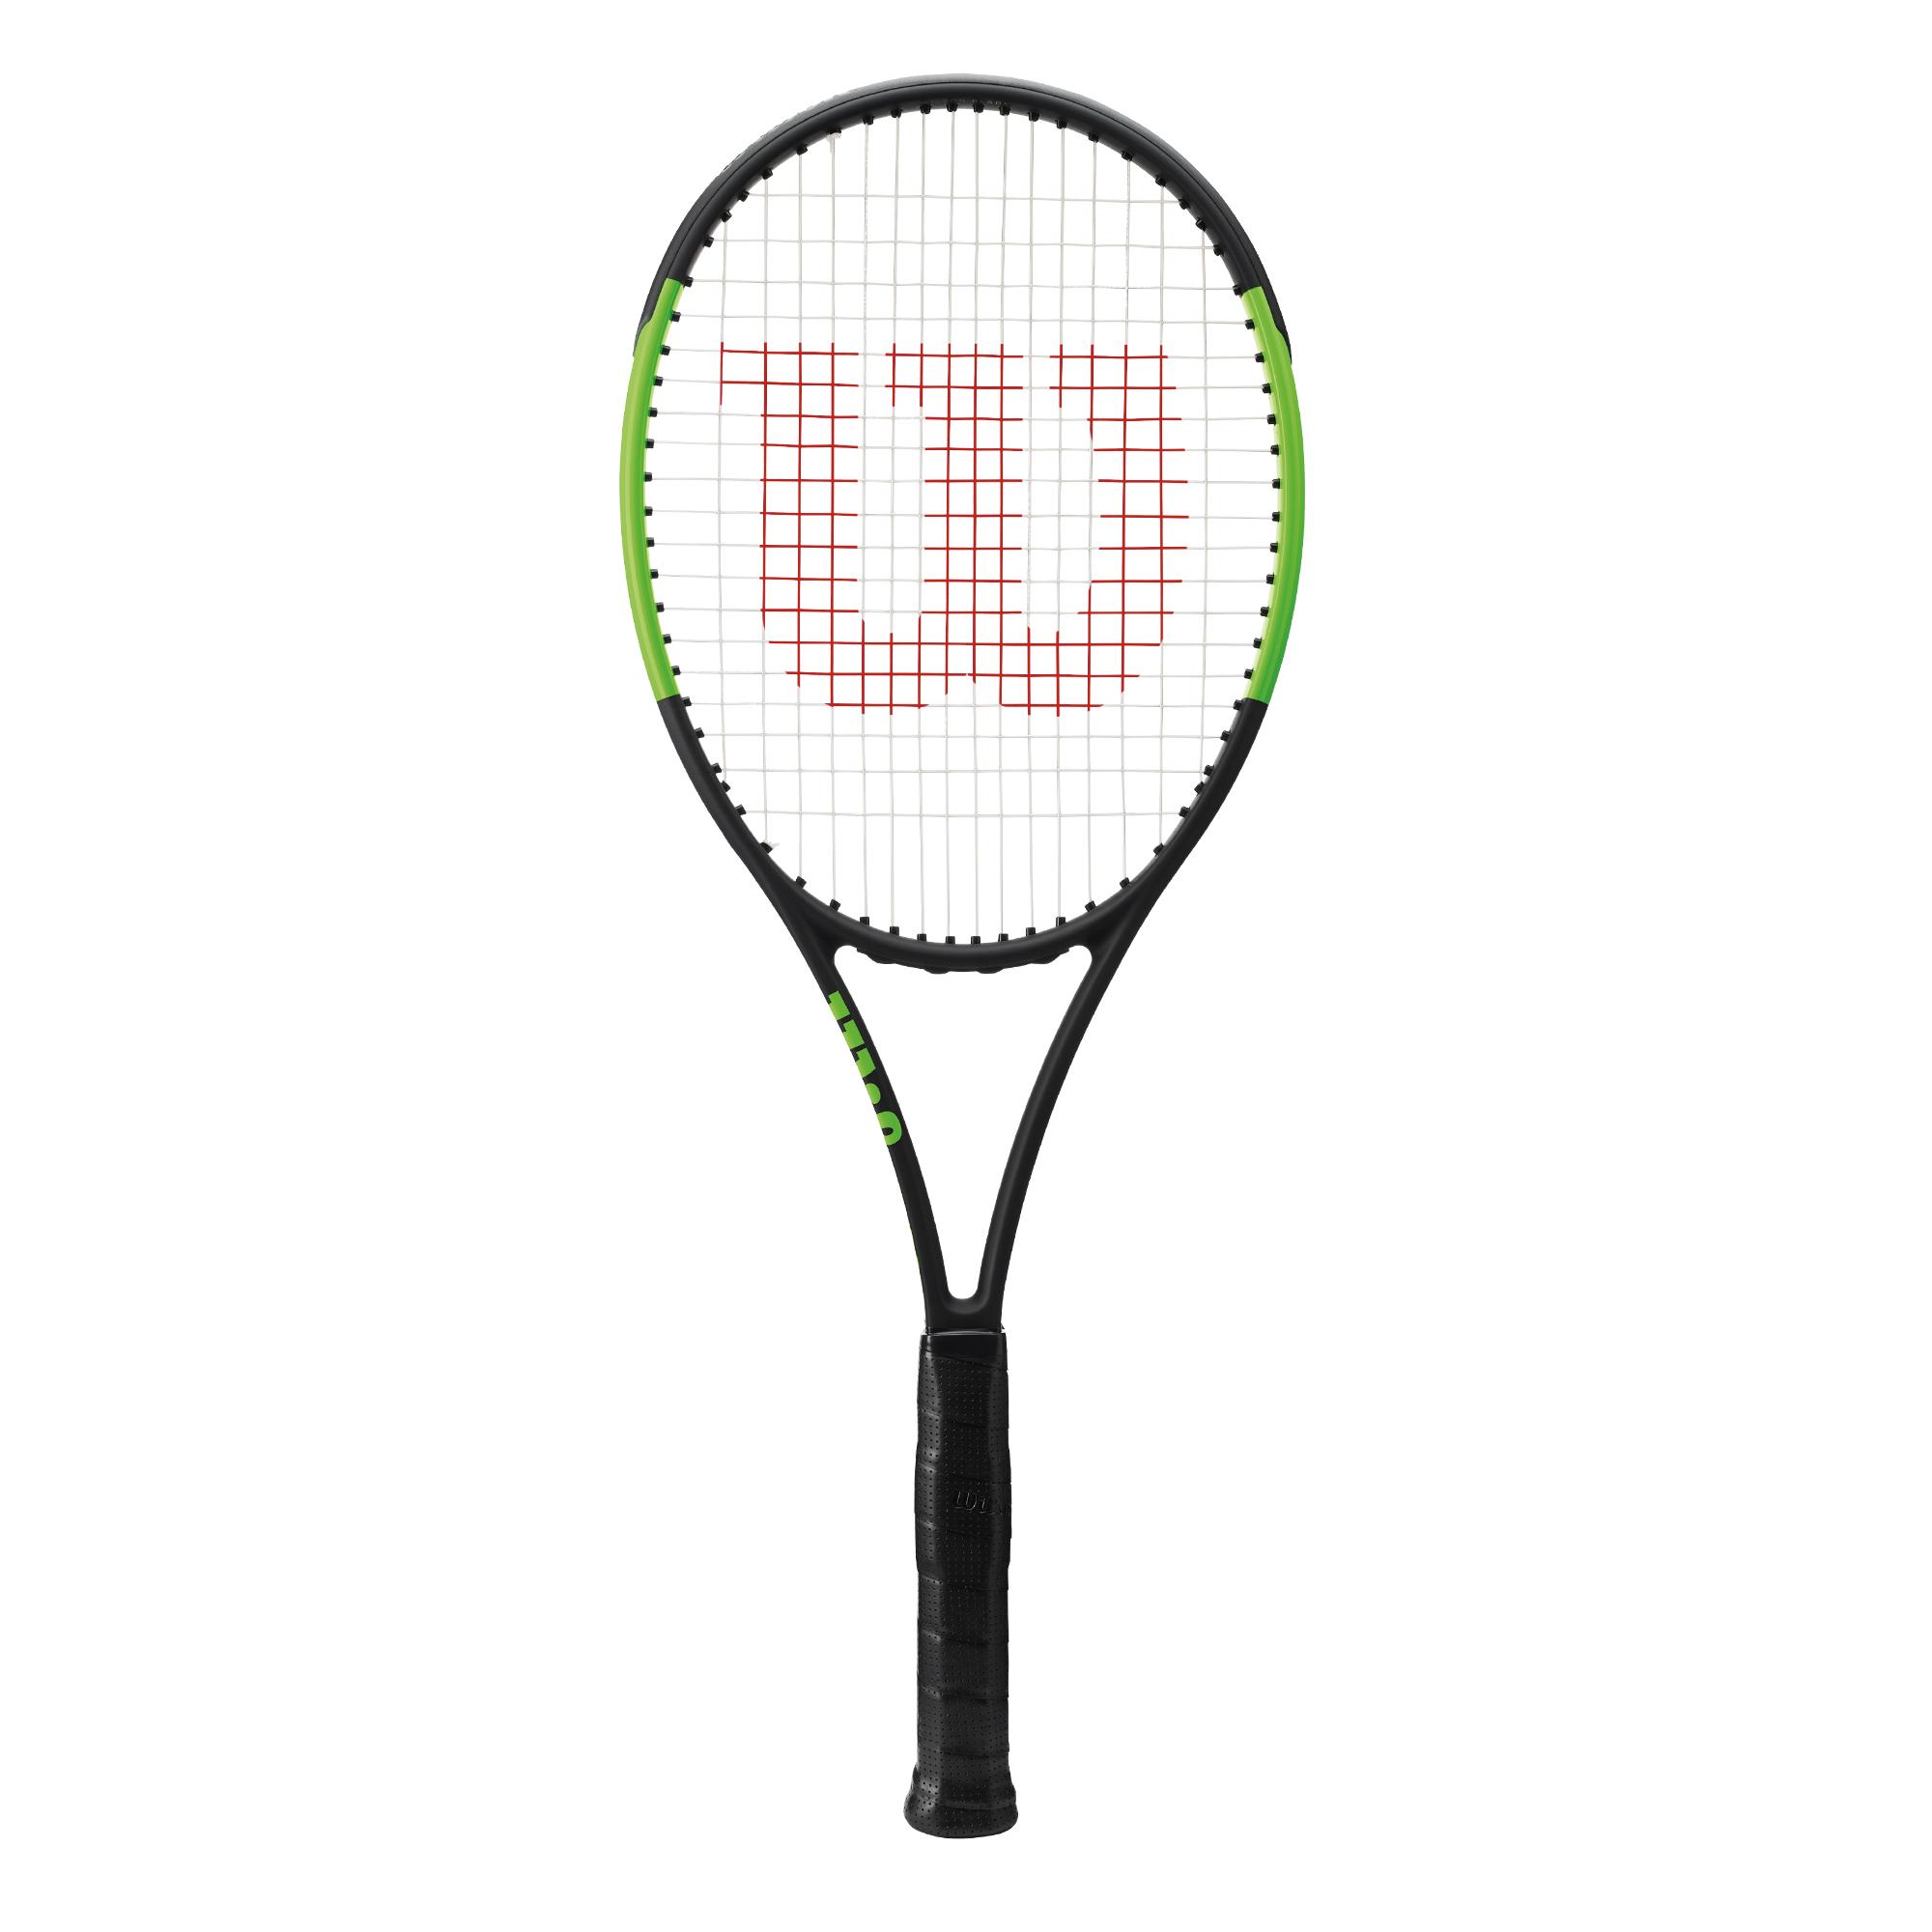 Image of Wilson Blade 98 UL Tennis Racket - Grip 3